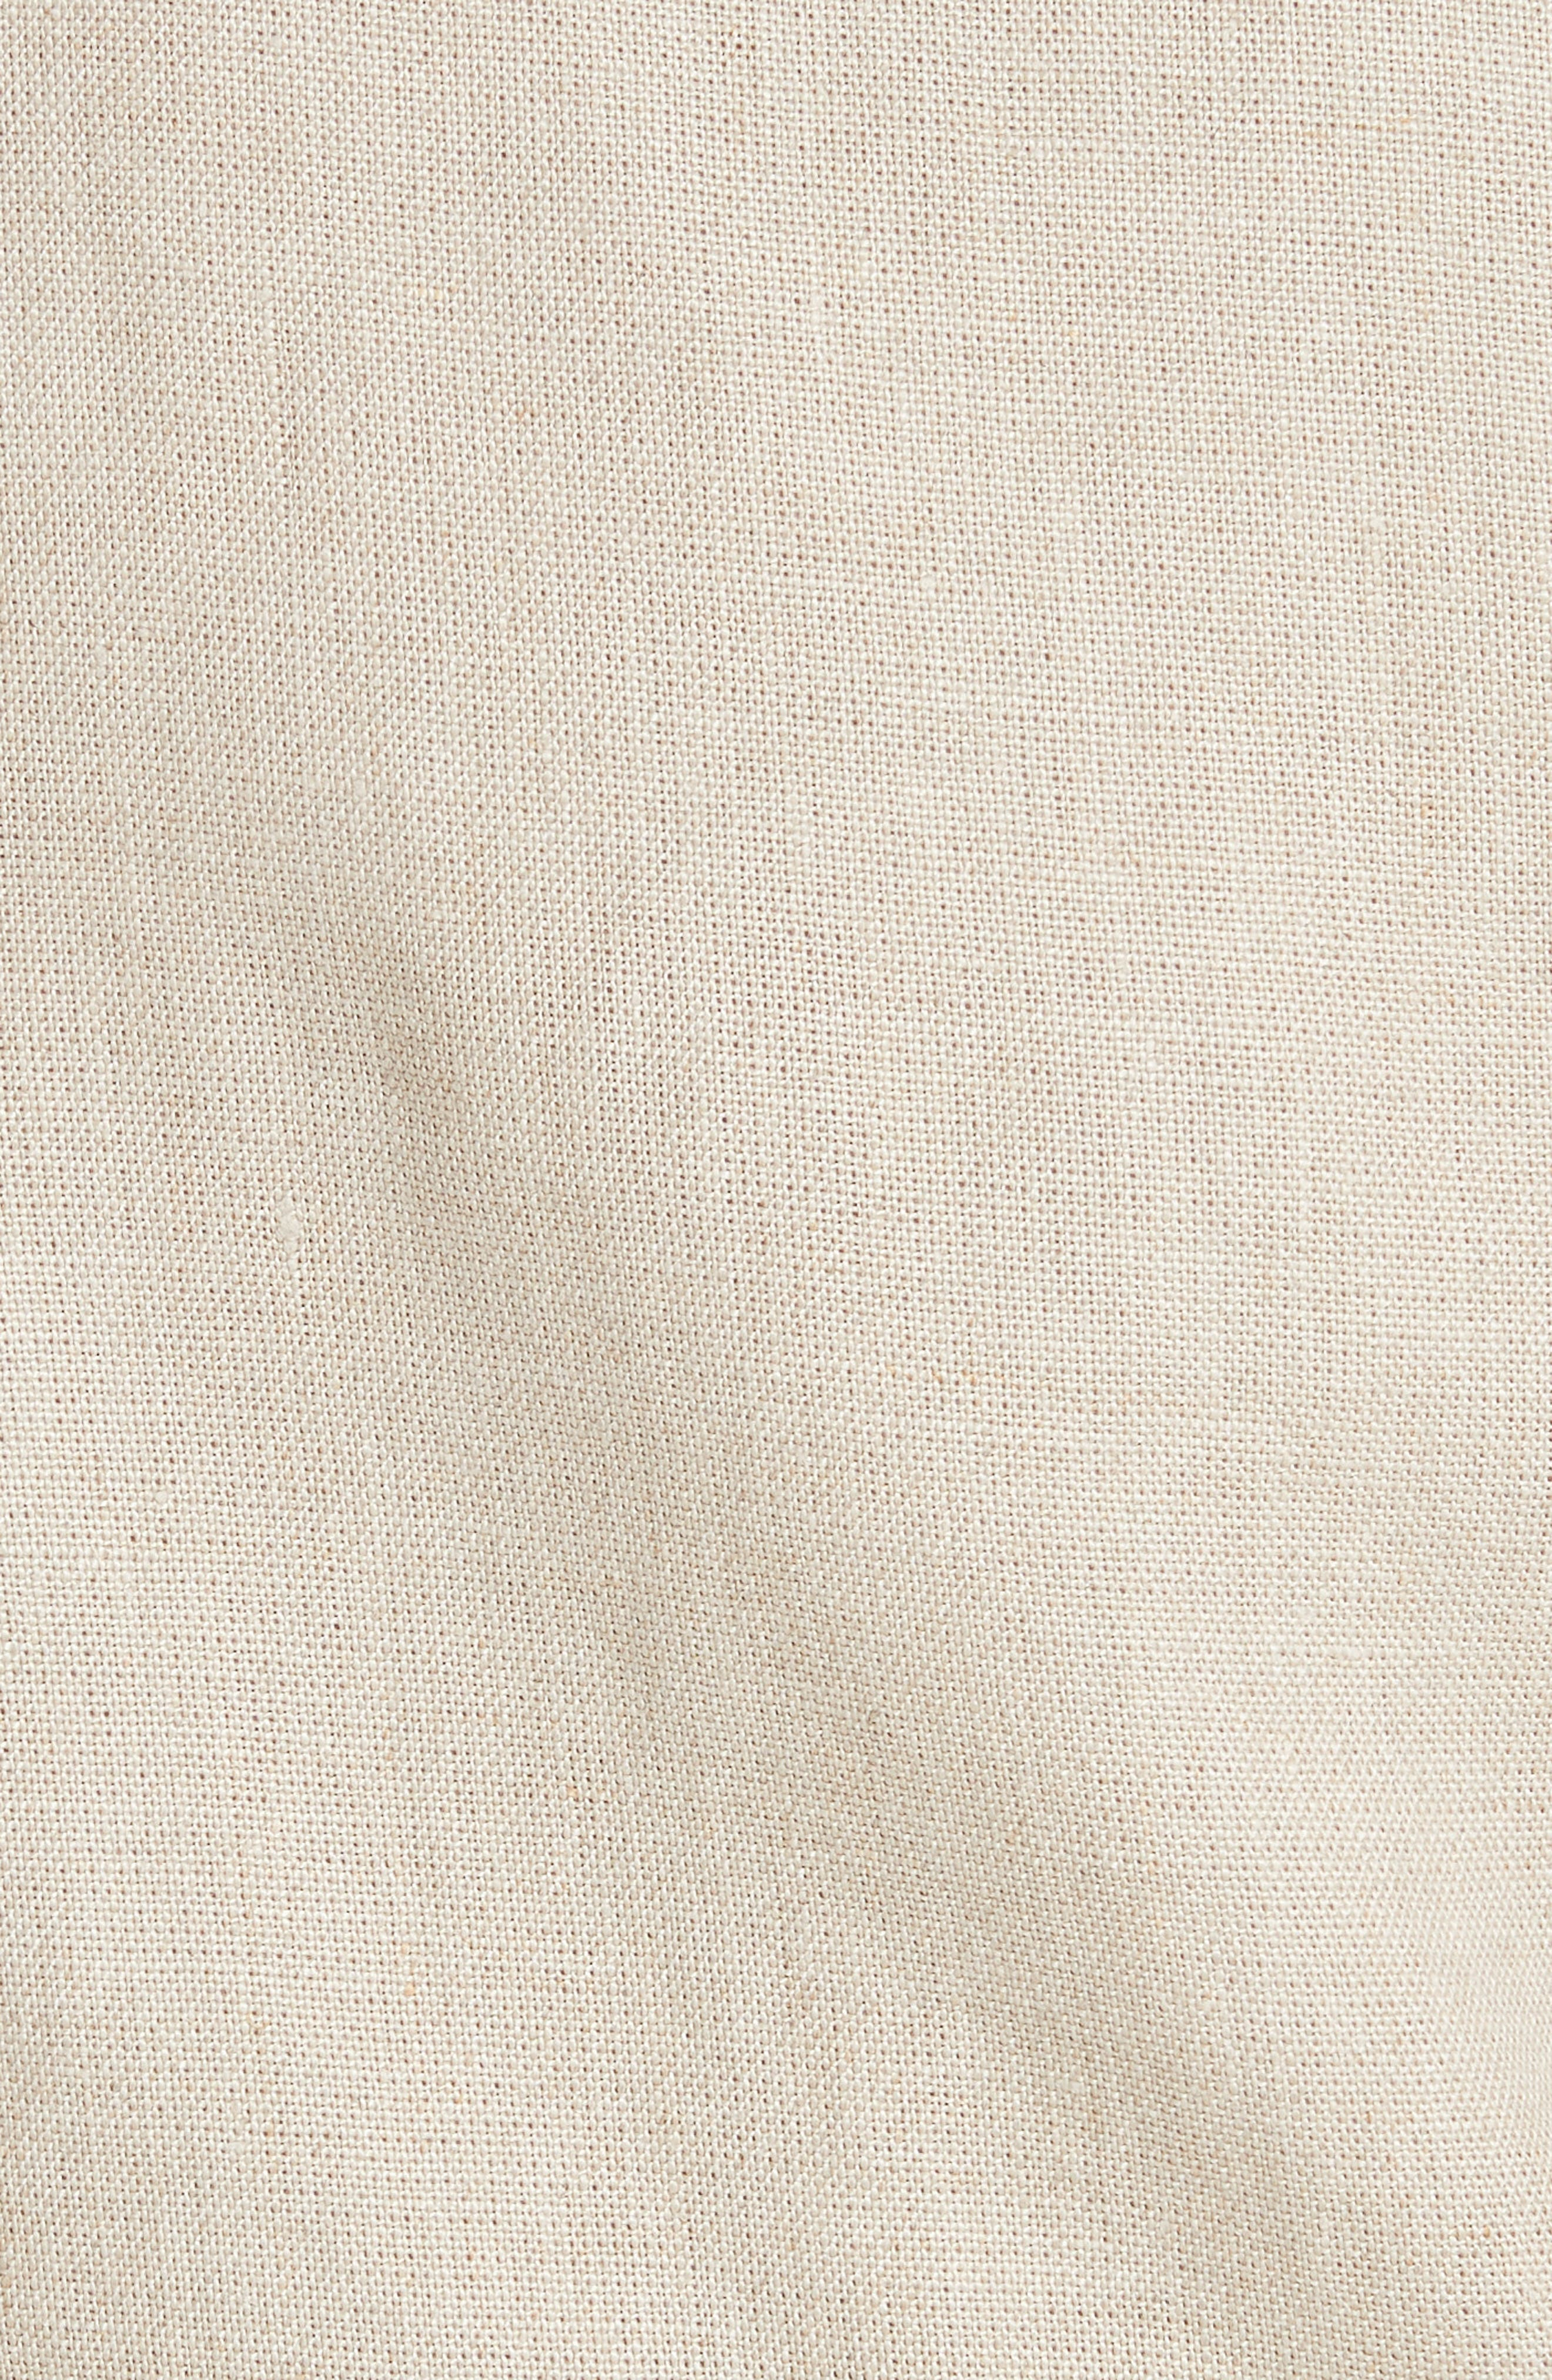 Shrunken Linen Moto Jacket,                             Alternate thumbnail 6, color,